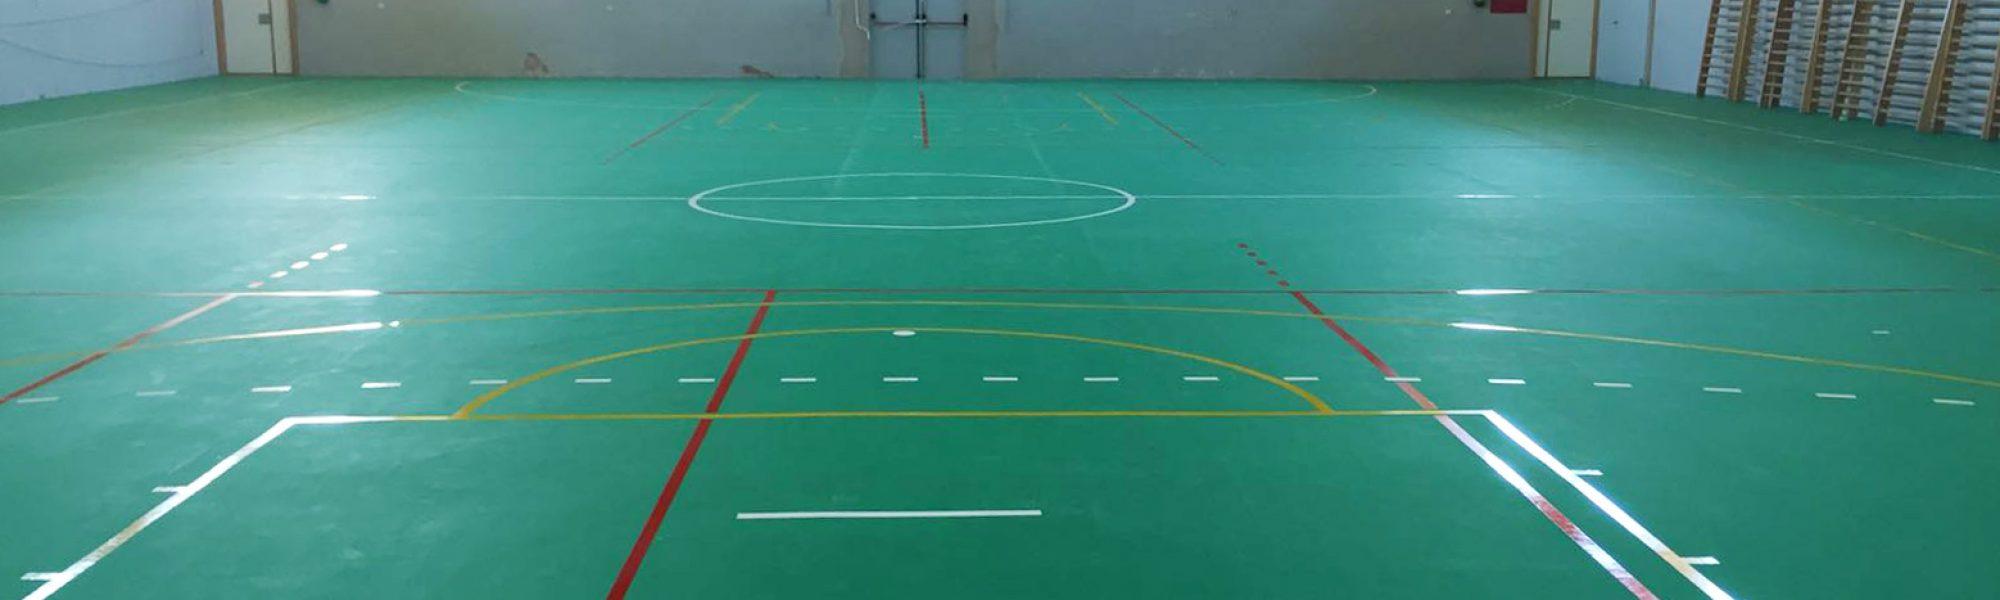 Pabellón del Colegio Kolbe equipado con Mondoflex y Everlay